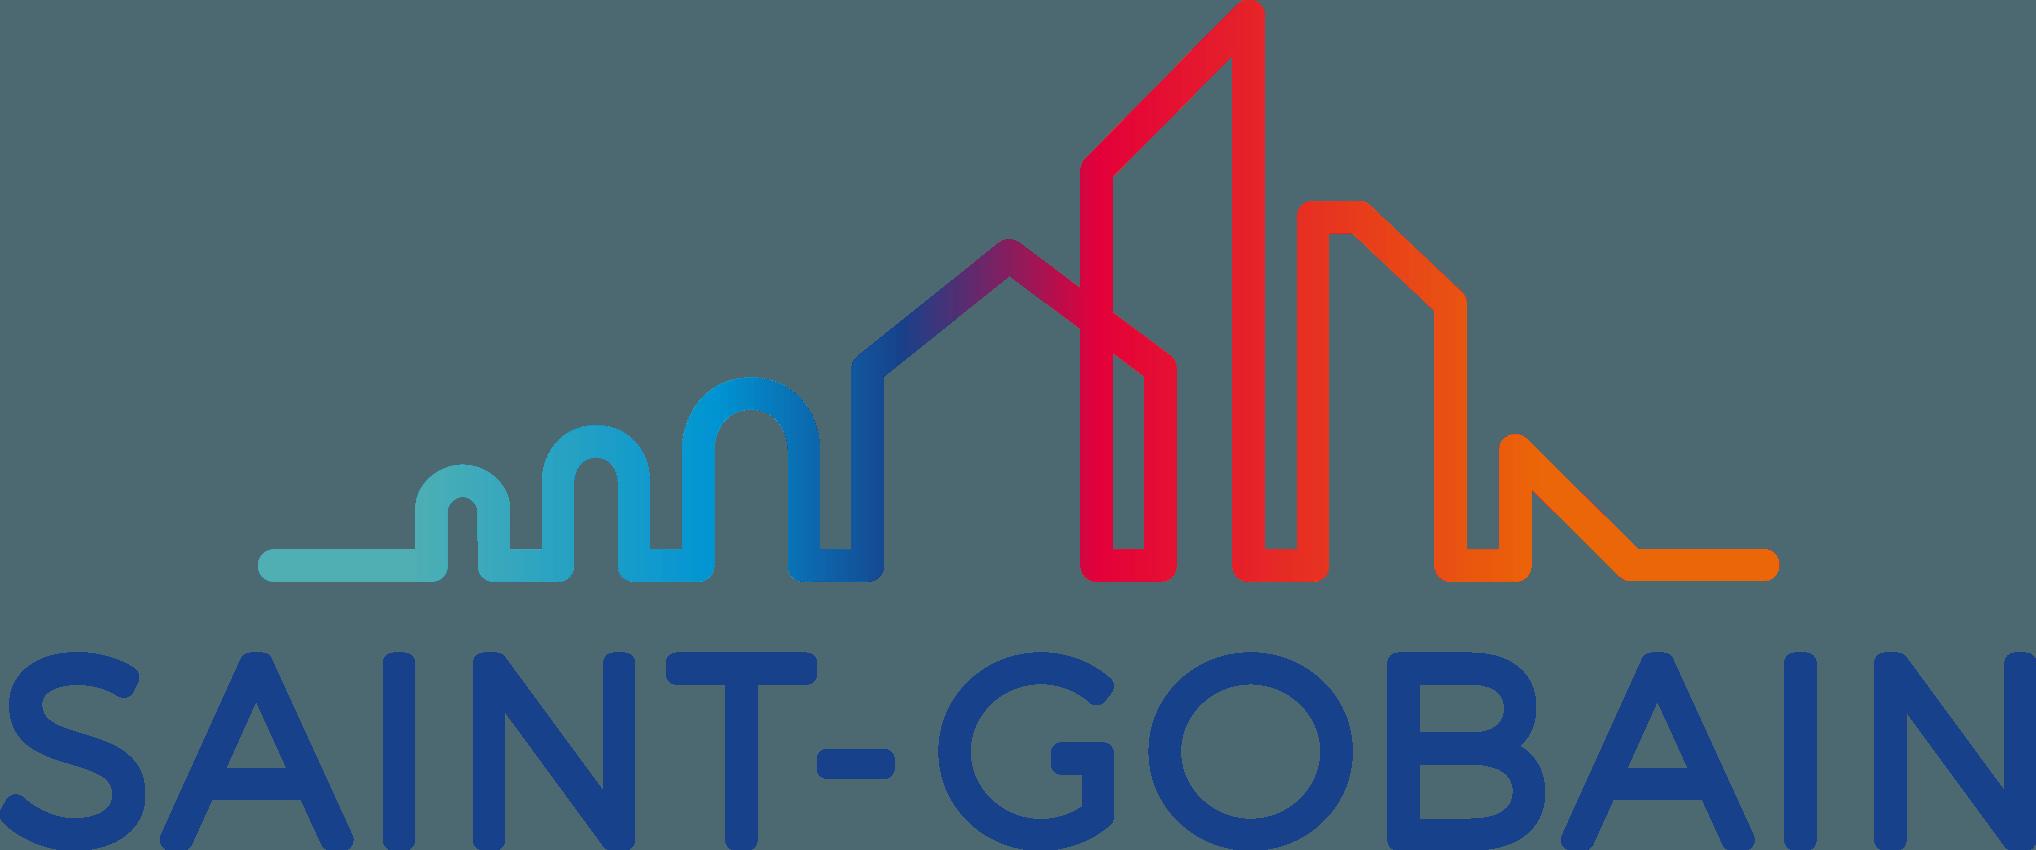 Saint Gobain Logo png